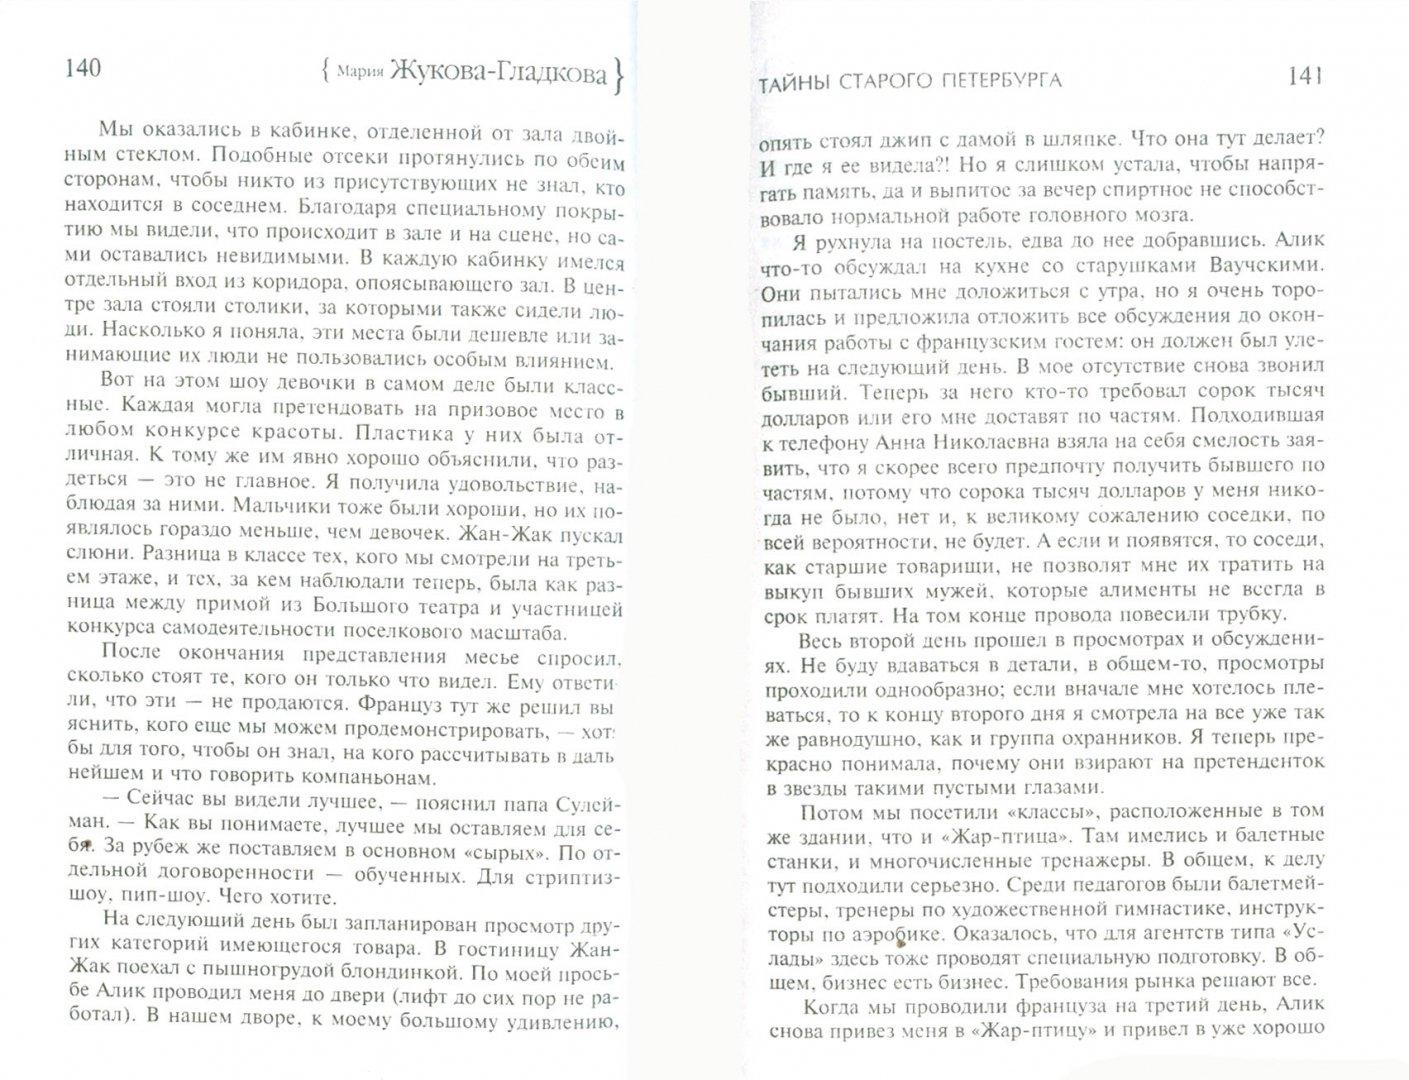 Иллюстрация 1 из 2 для Тайны старого Петербурга - Мария Жукова-Гладкова | Лабиринт - книги. Источник: Лабиринт